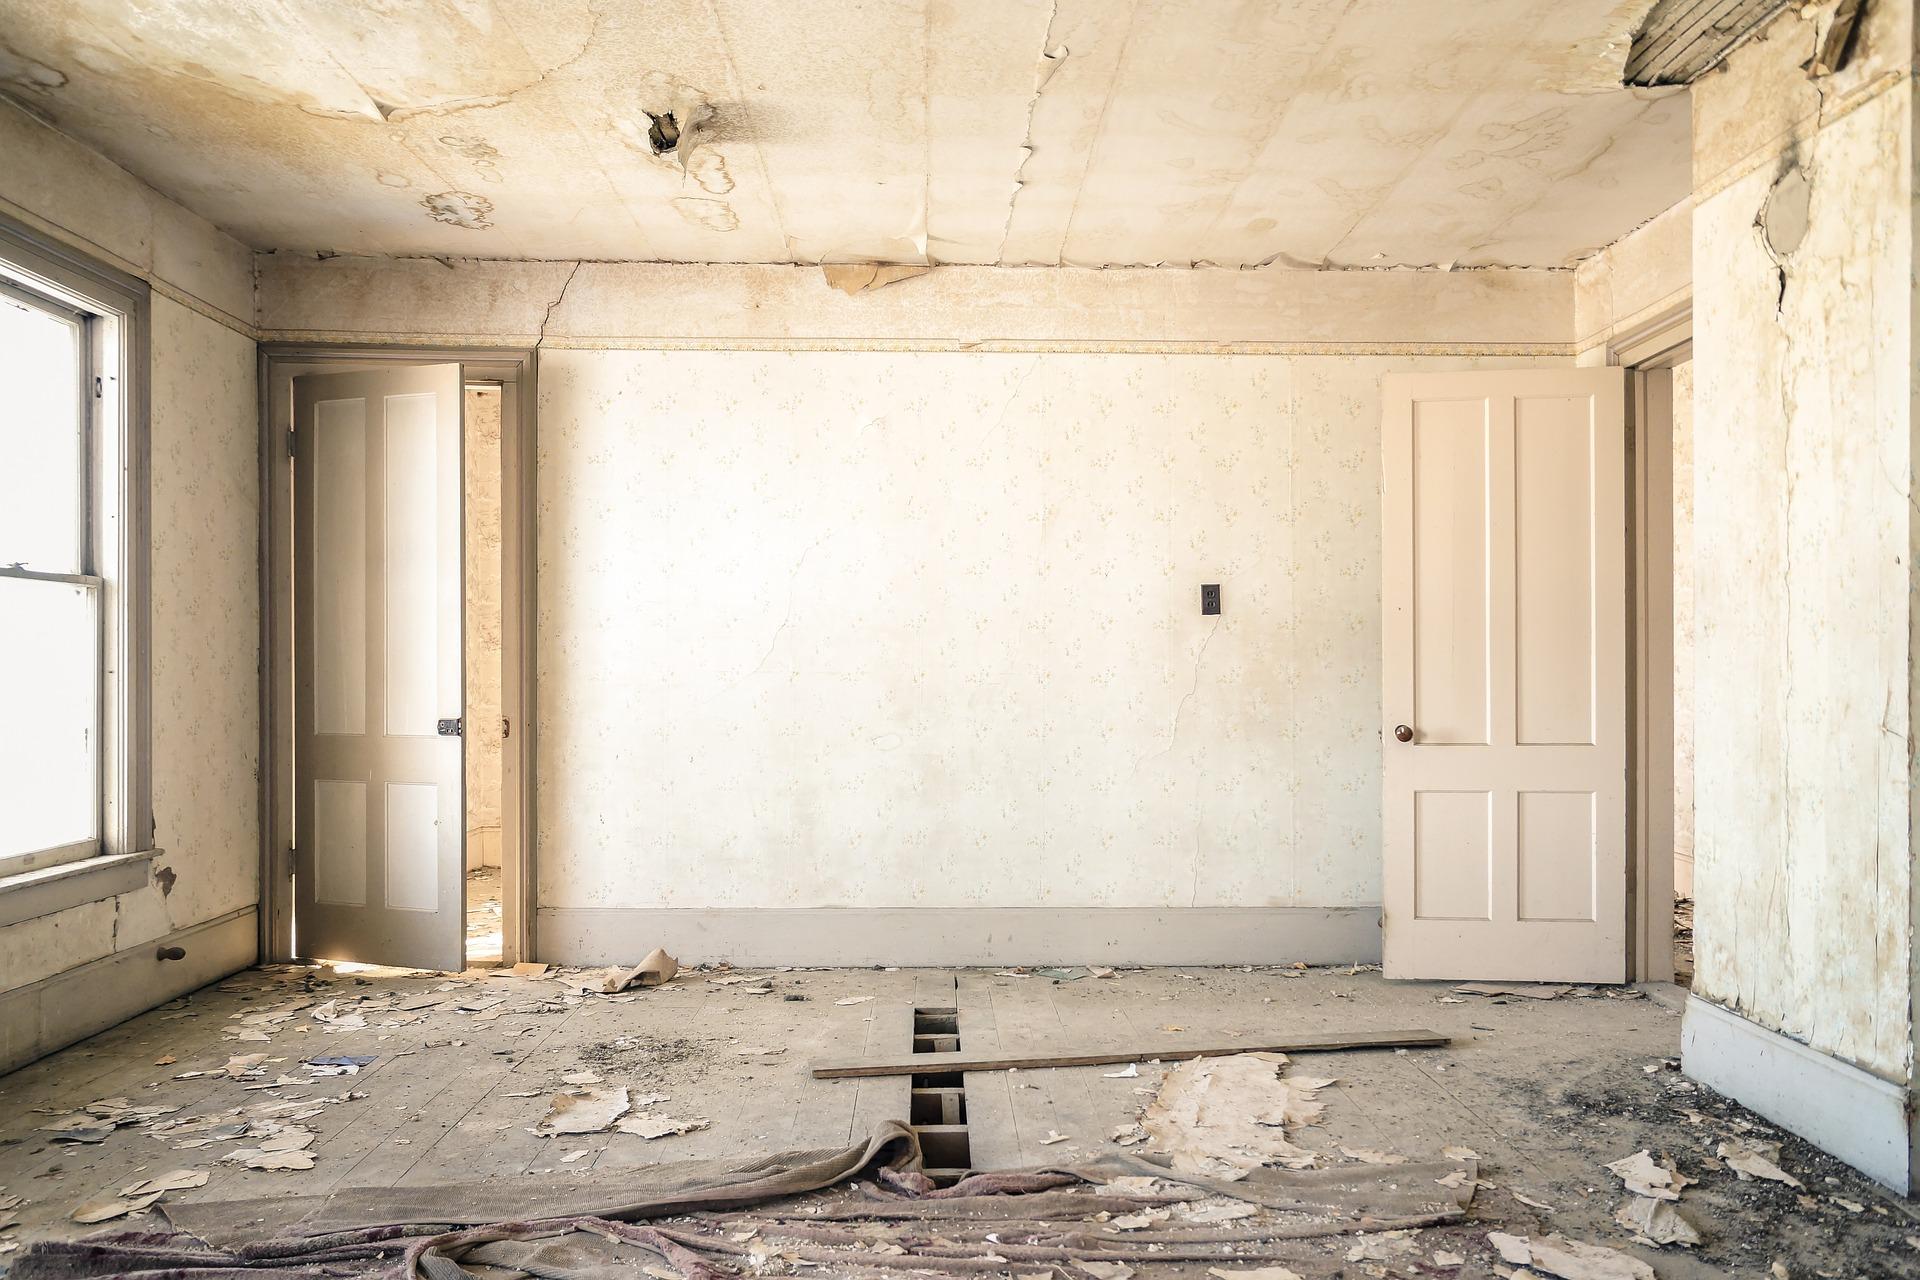 travaux de rénovation d'une vieille maison